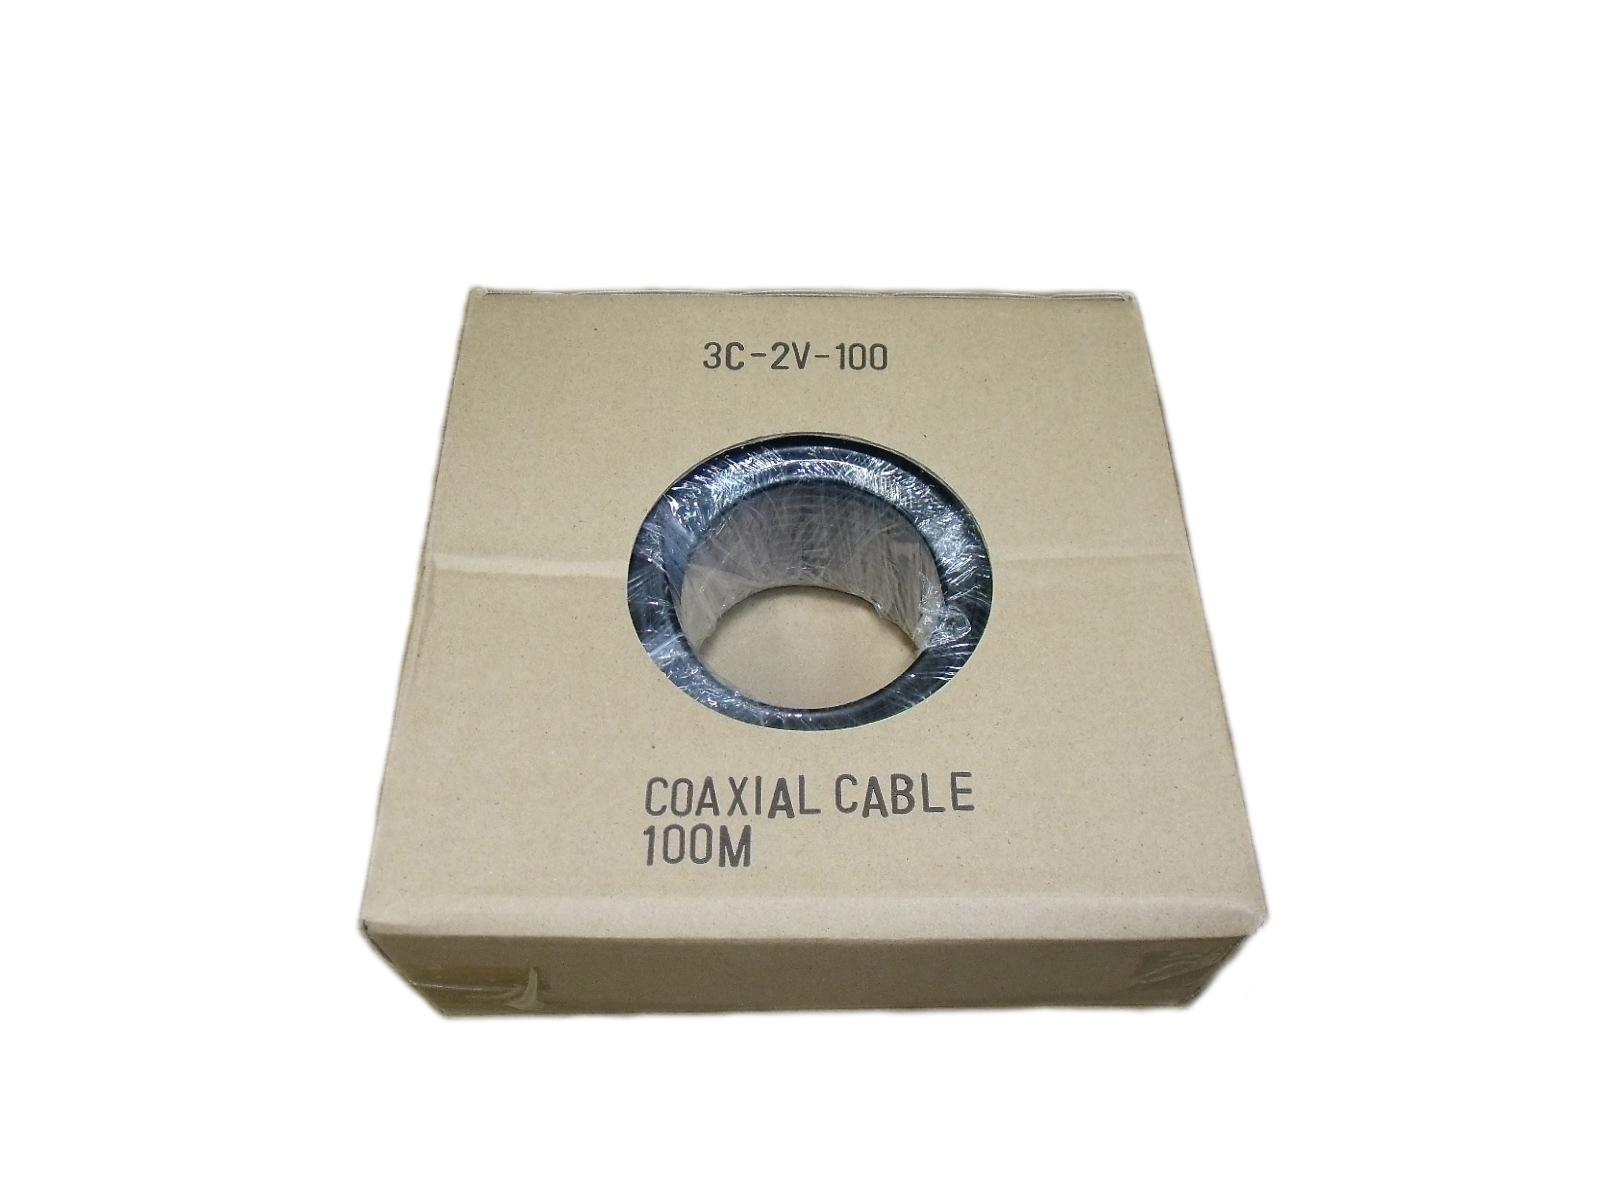 TVアンテナ用同軸ケーブル 3C-2V-100 黒色 倉 新作多数 中国製